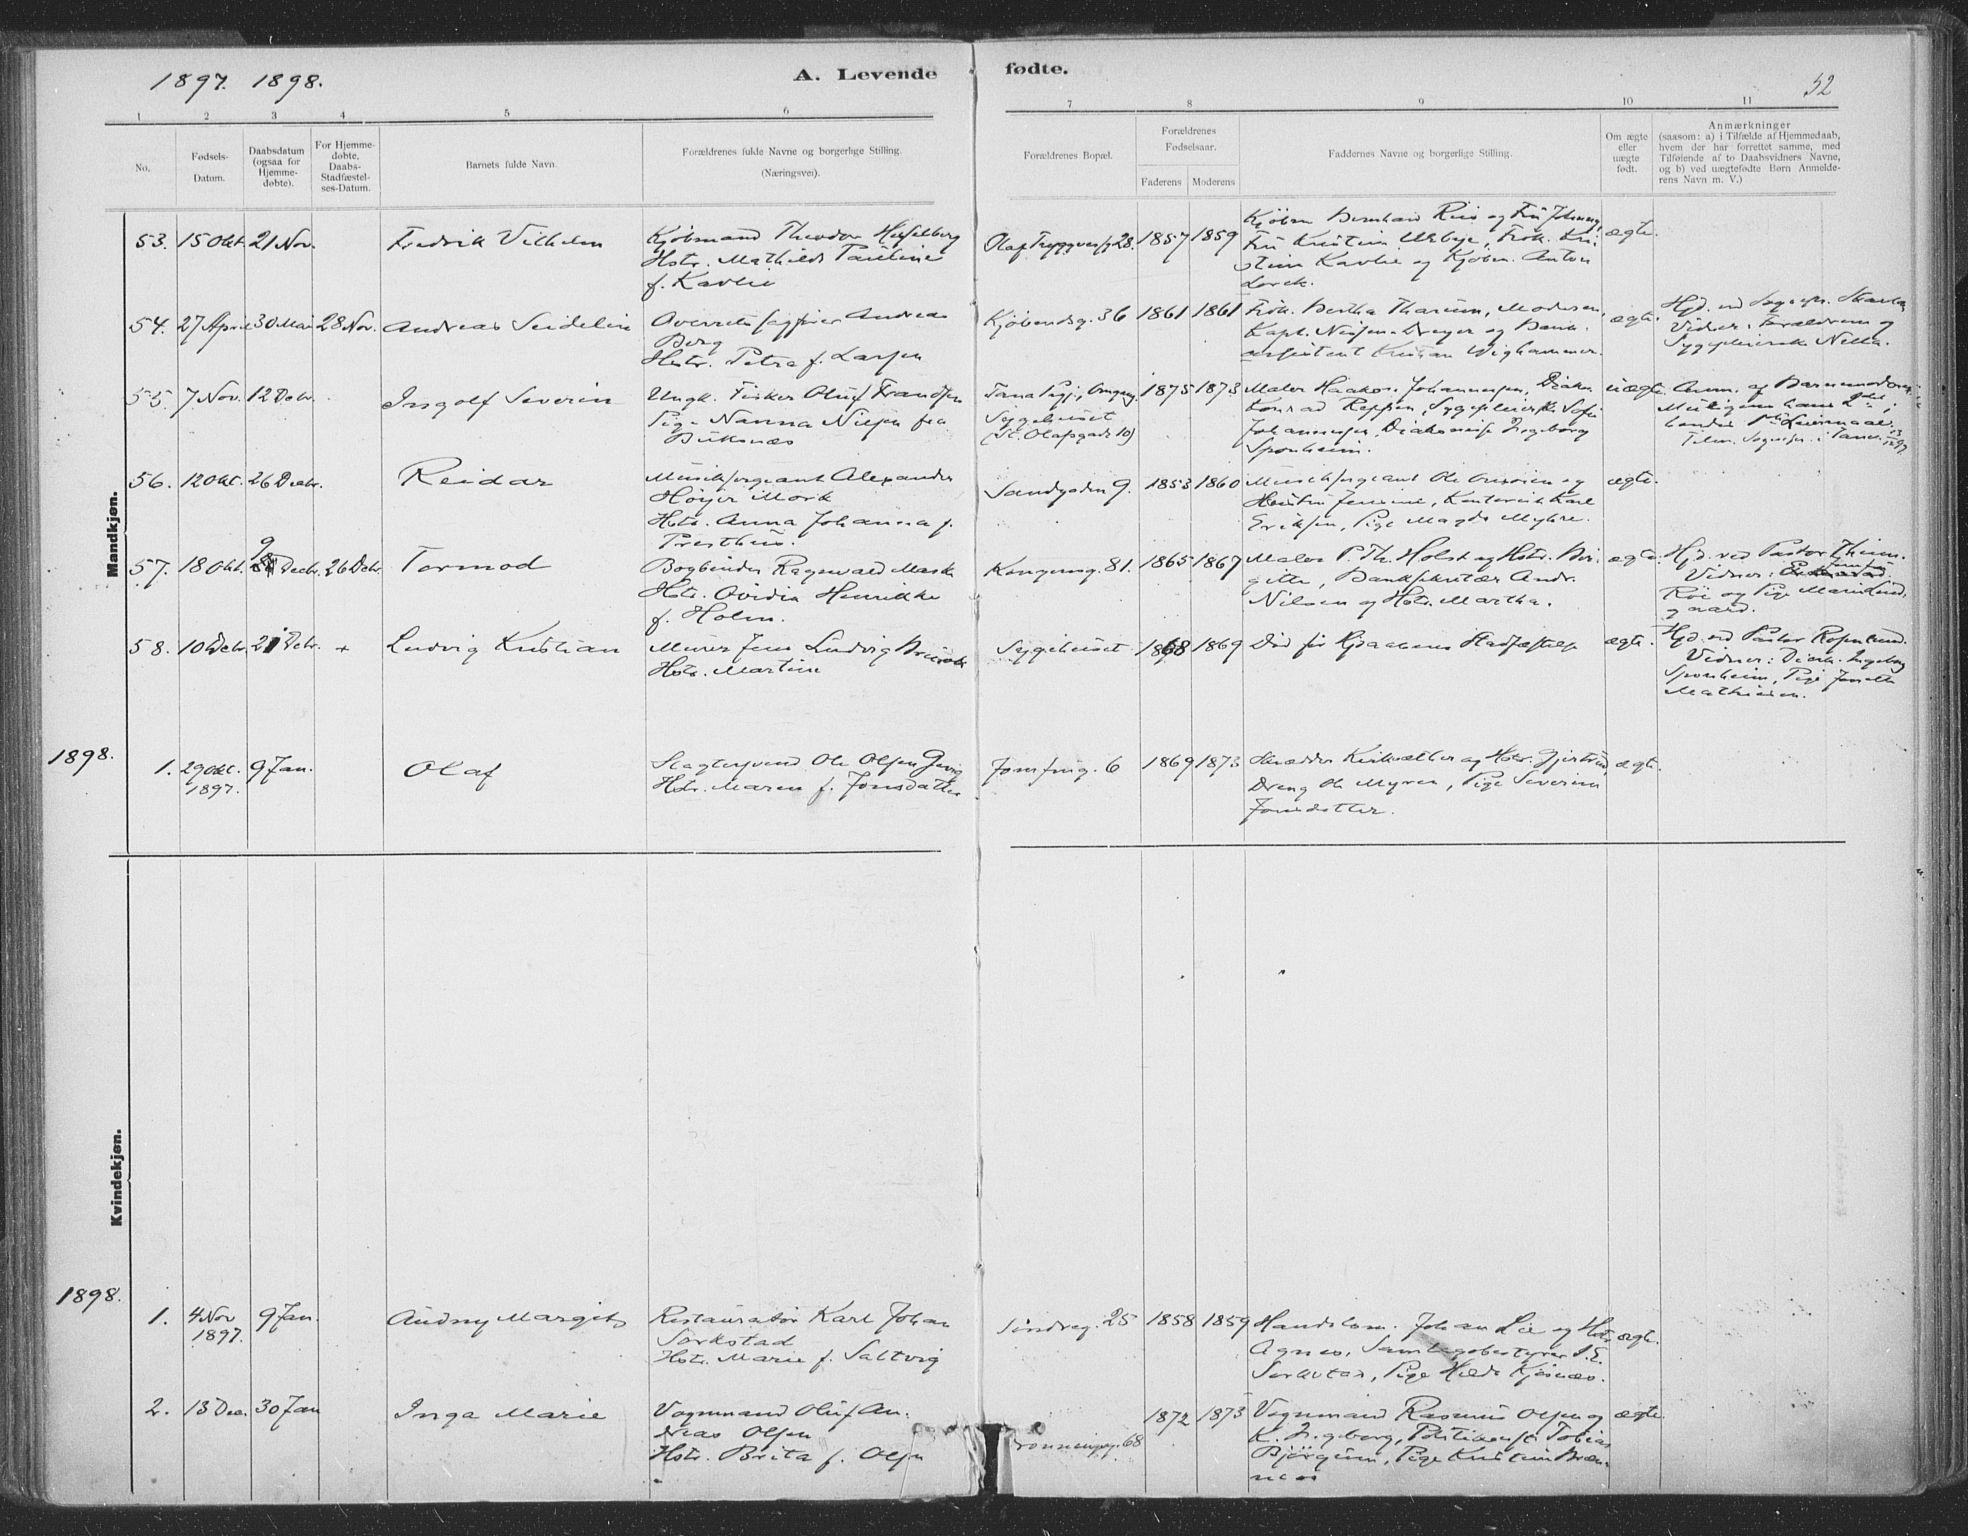 SAT, Ministerialprotokoller, klokkerbøker og fødselsregistre - Sør-Trøndelag, 602/L0122: Ministerialbok nr. 602A20, 1892-1908, s. 52